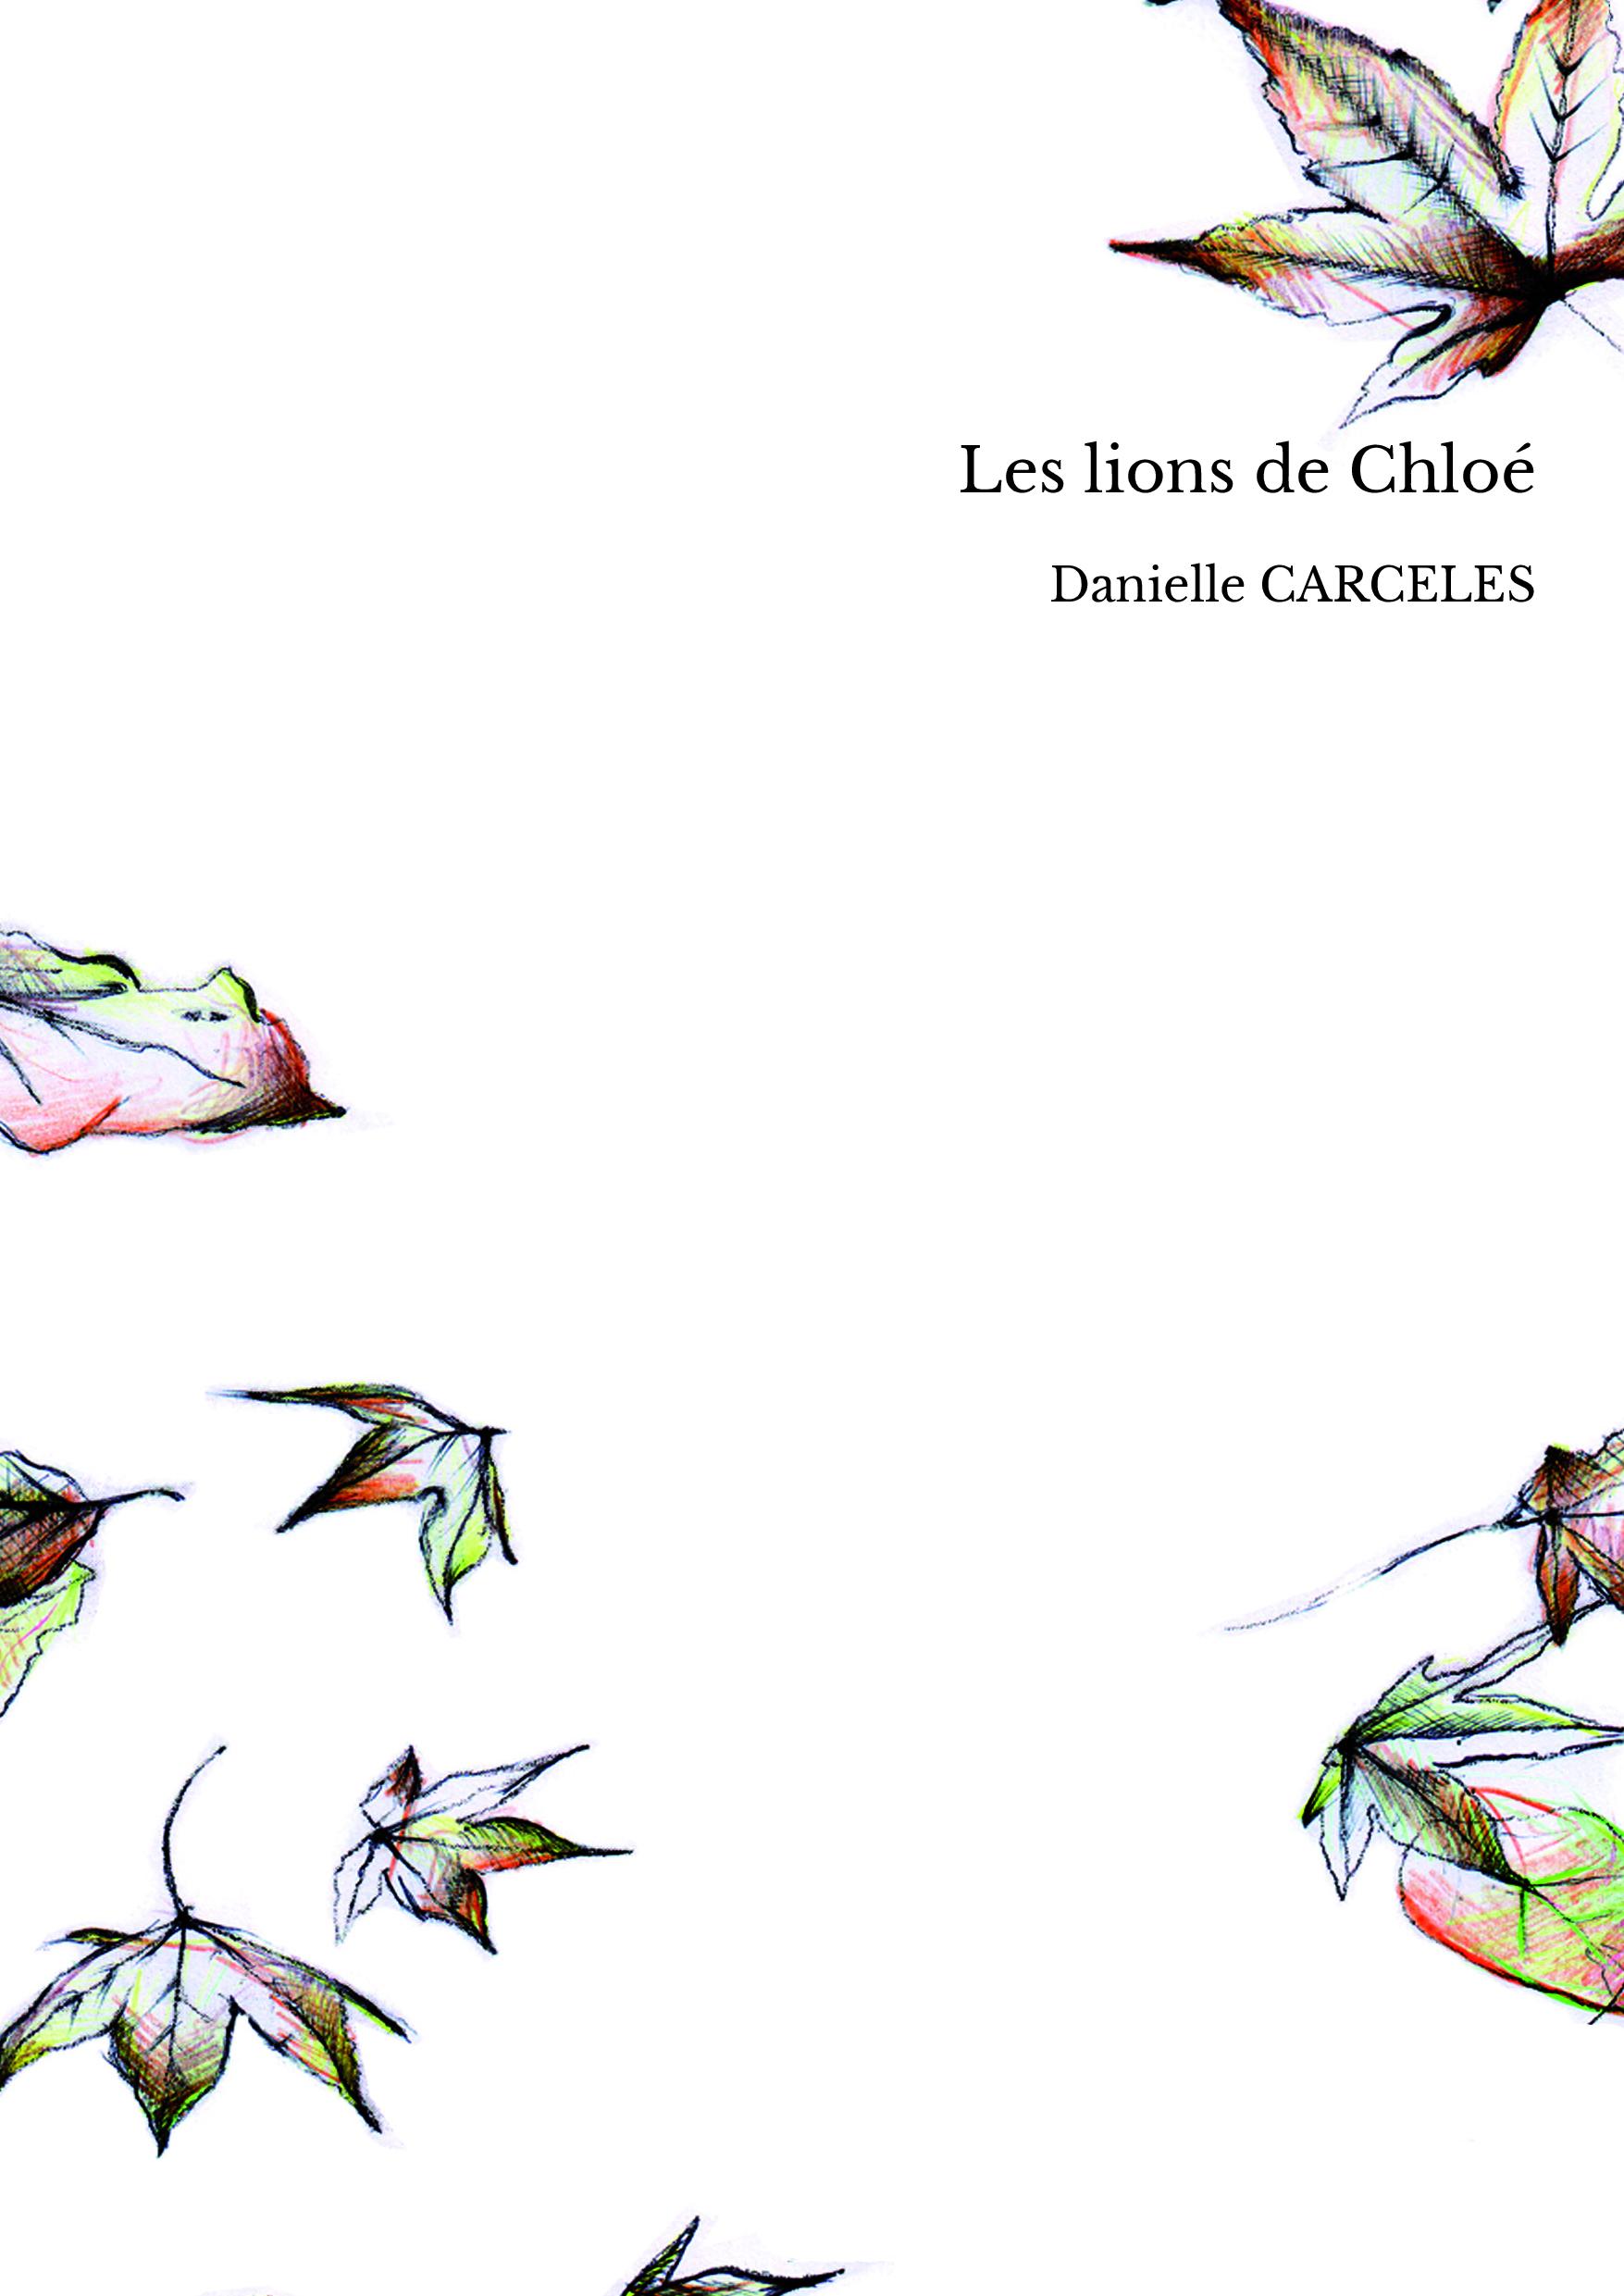 Les lions de Chloé